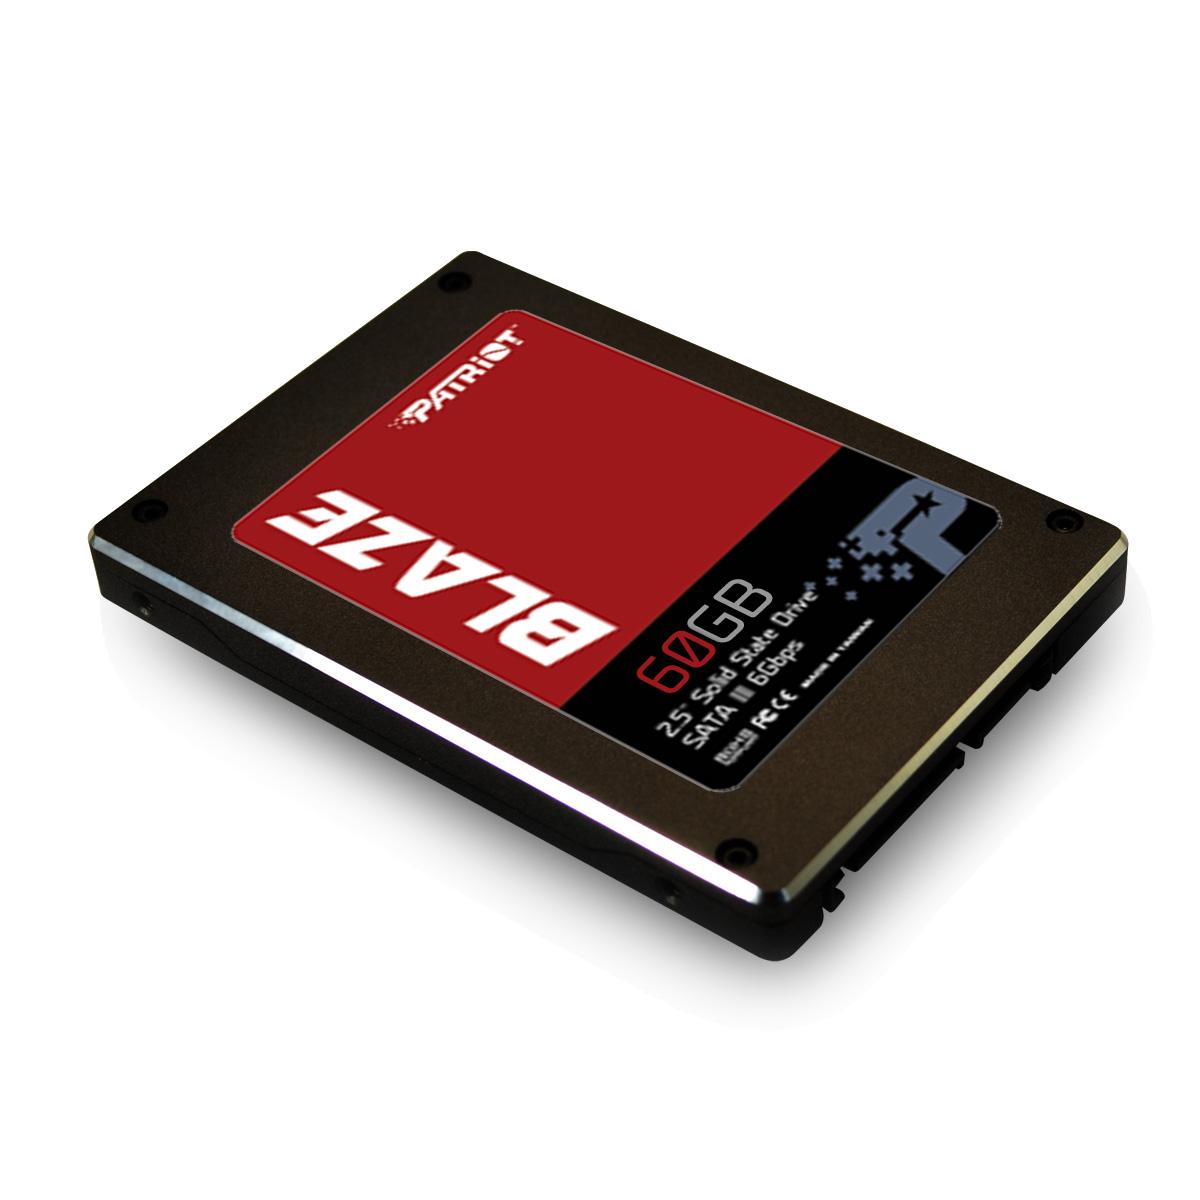 SSD 60GB Blaze Sata III 2.5 7mm PB60GS25SSDR - Patriot